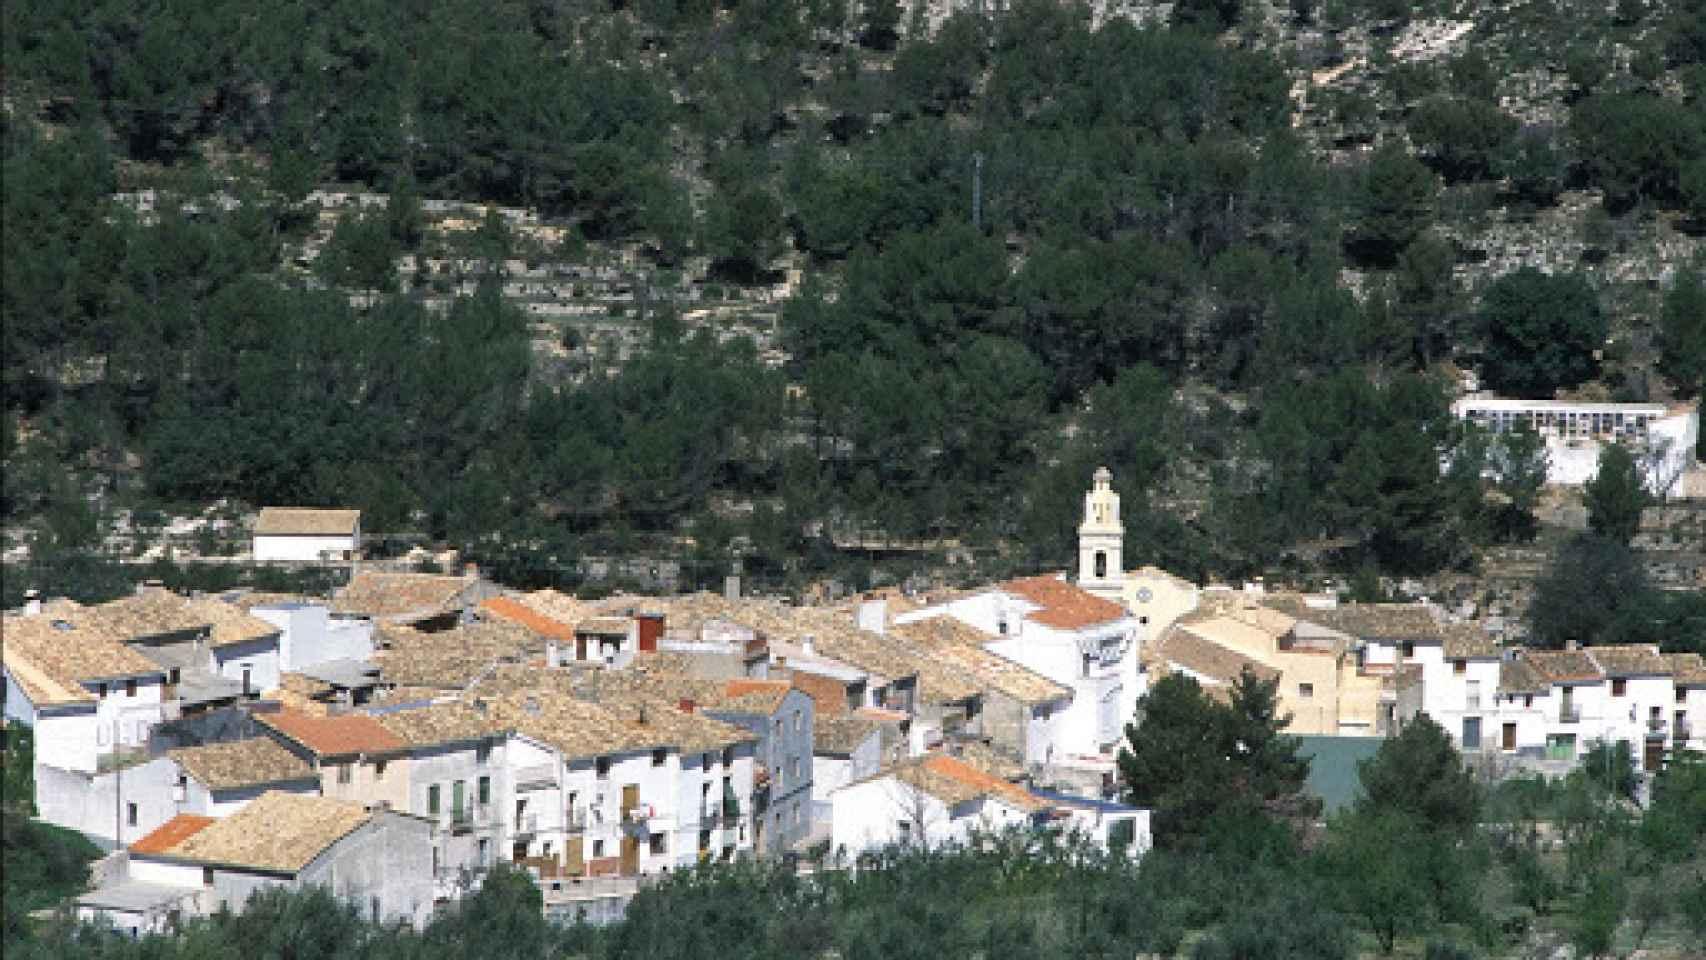 Imagen de Famorca.